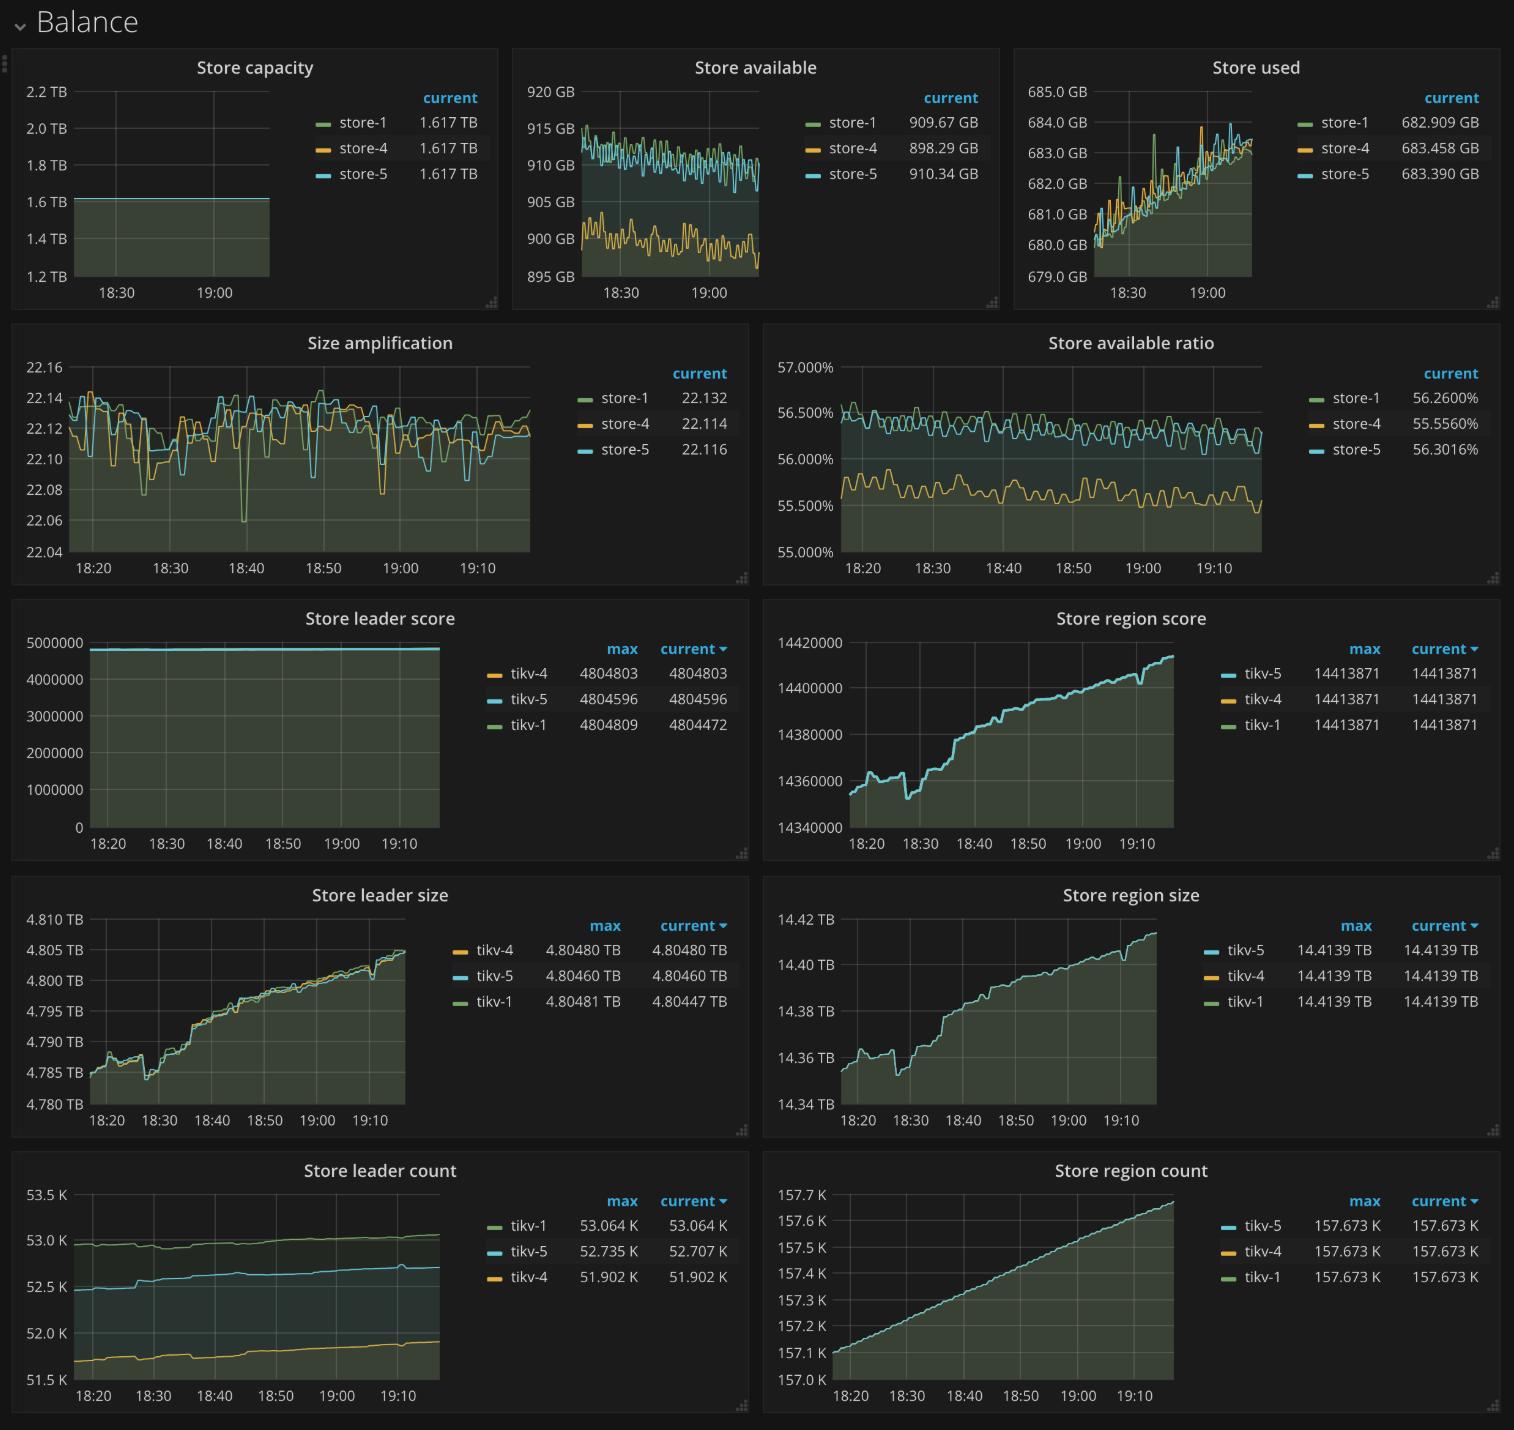 PD Dashboard - Balance metrics